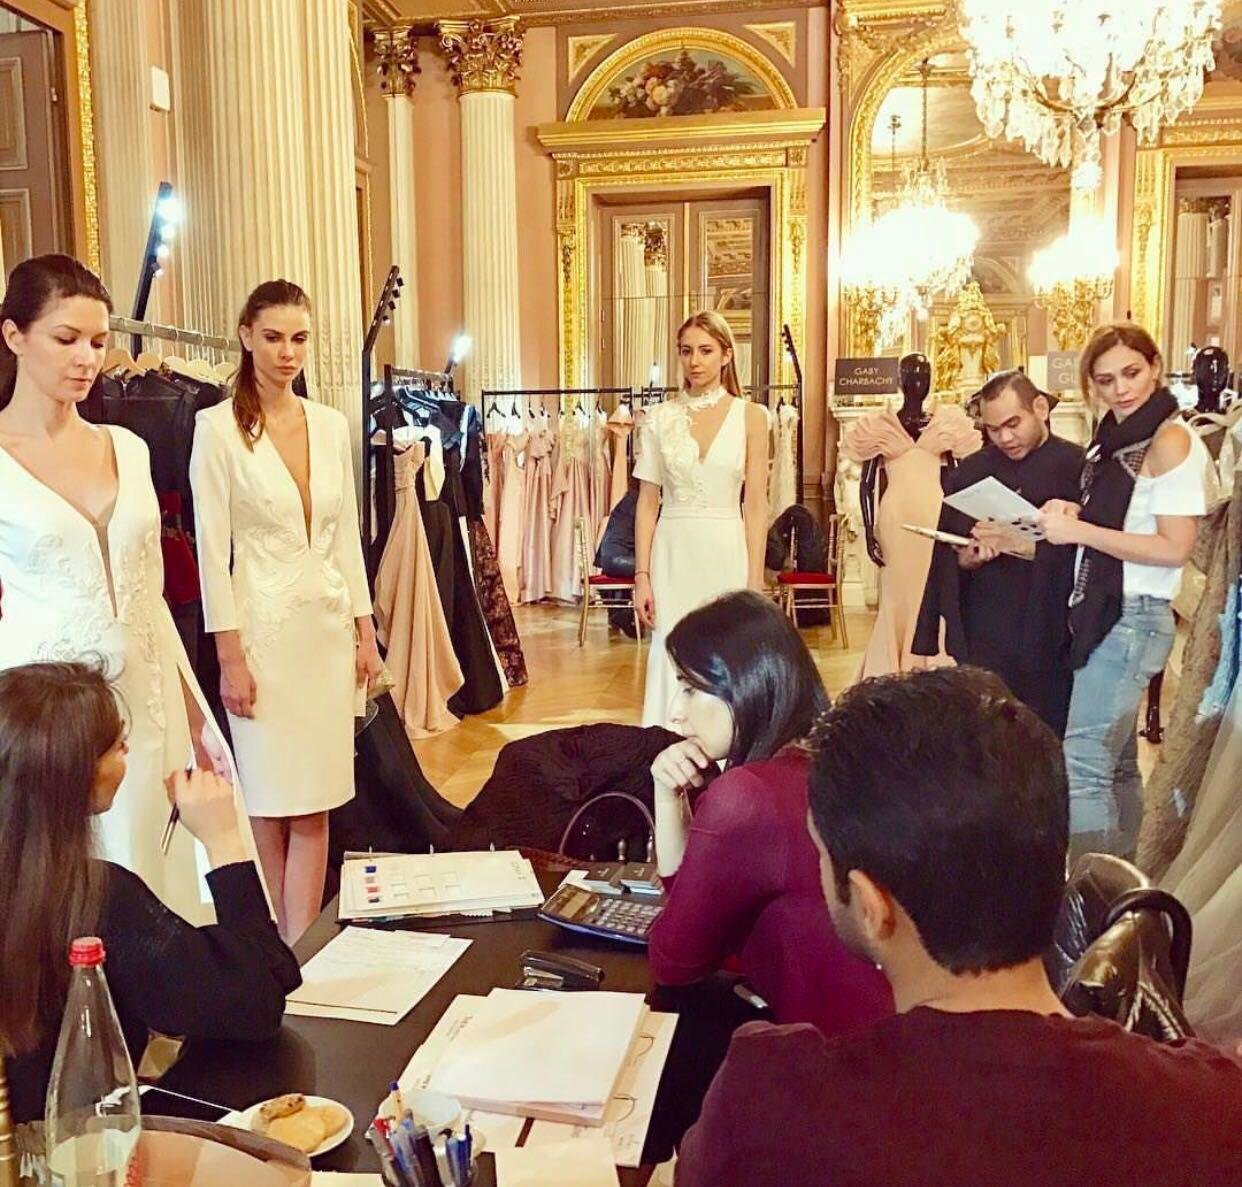 Ülkemizi Dünya fuarlarında temsil eden değerli modacı Esra Baş hanımefendiye Kaptan International Textile kumaşlarını tercih ettiği için teşekkür ederiz.